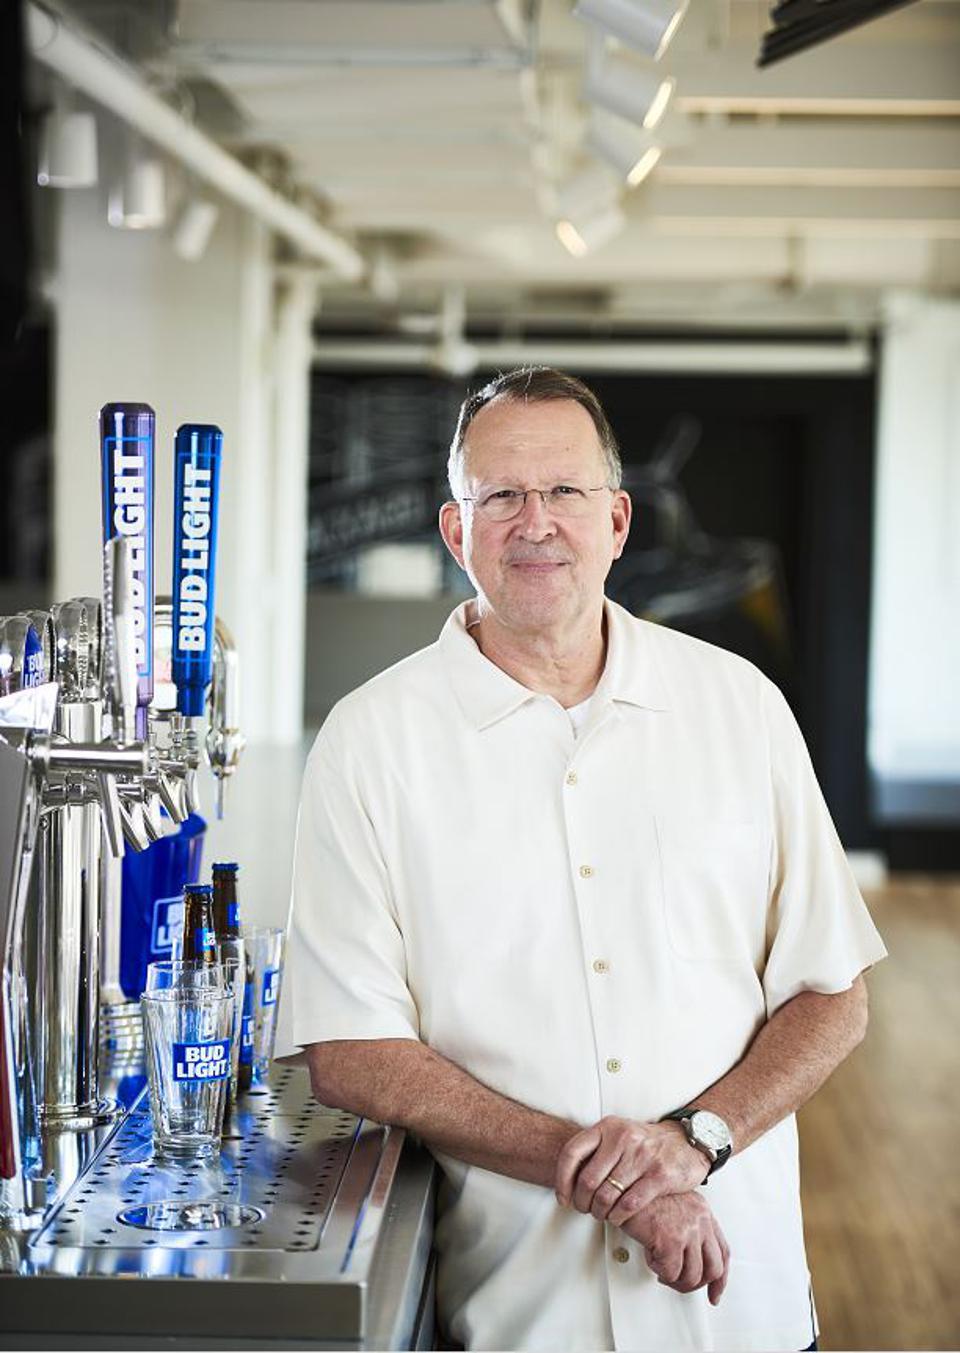 Goeler is Bud Light's vice president of marketing.